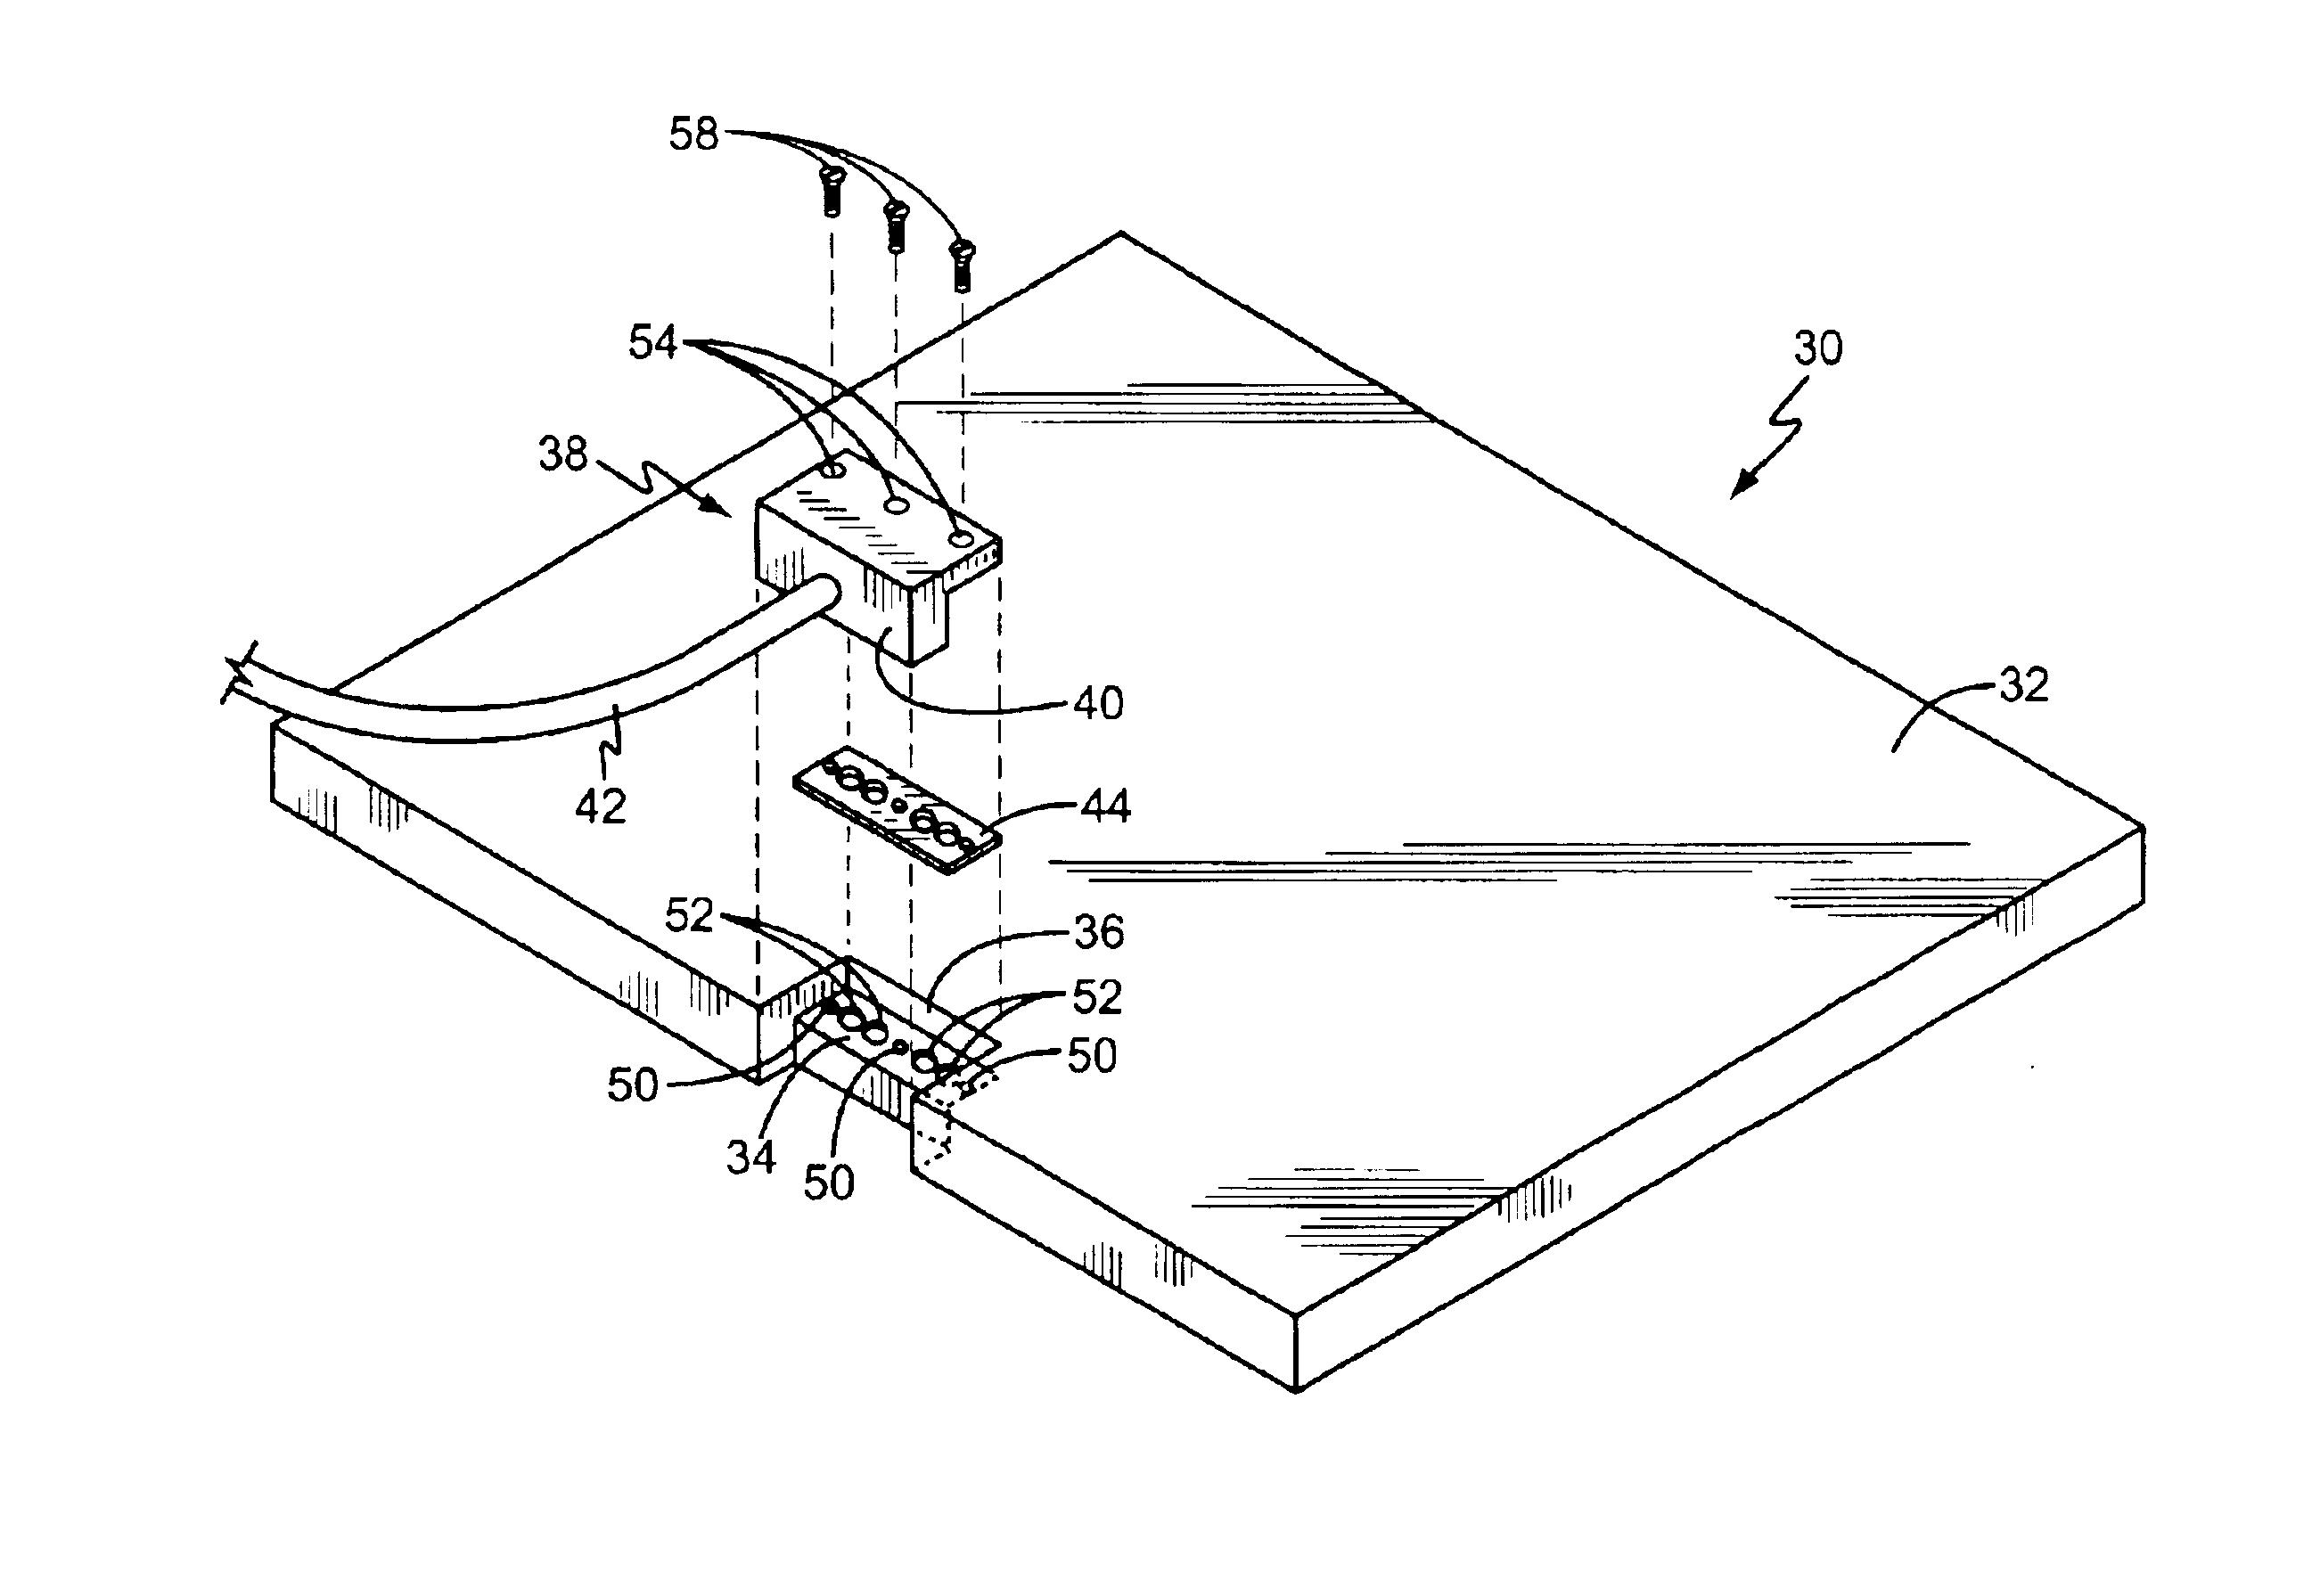 Safety Mat Wiring Diagram Software Wiring Diagram • Wiring